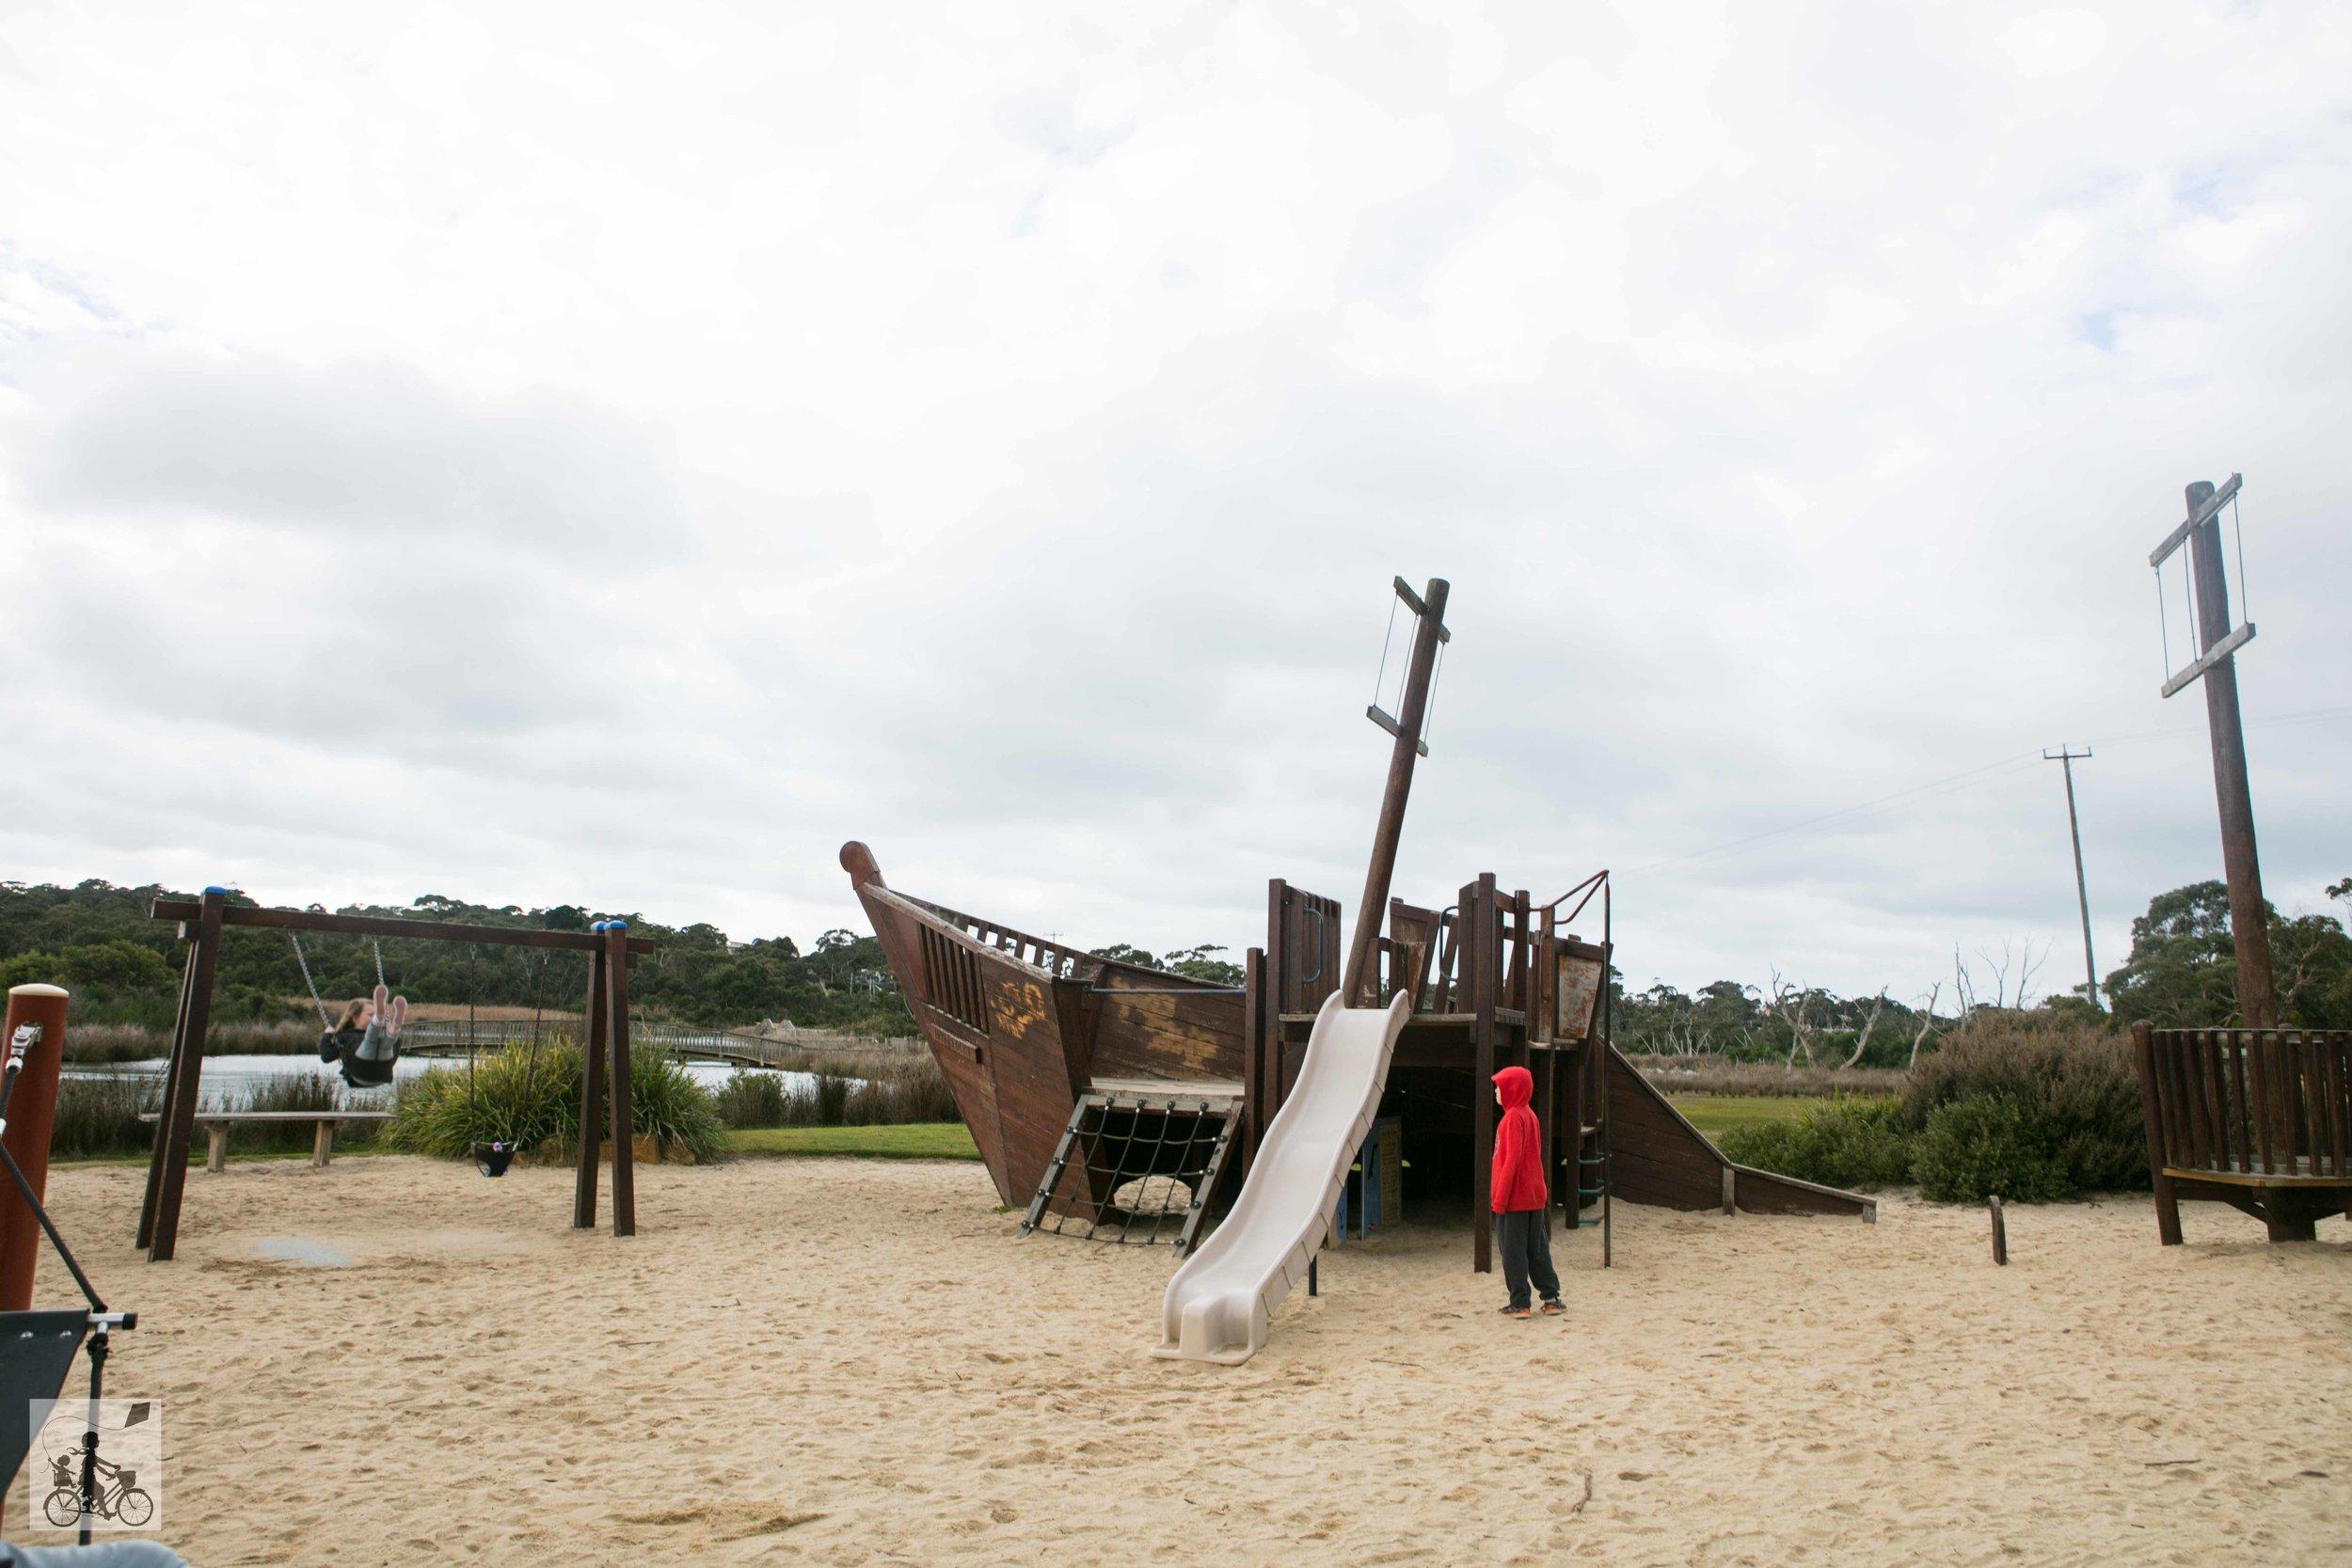 Coogoorah Park Inverlochy Playground Mamma Knows West (18 of 54).jpg